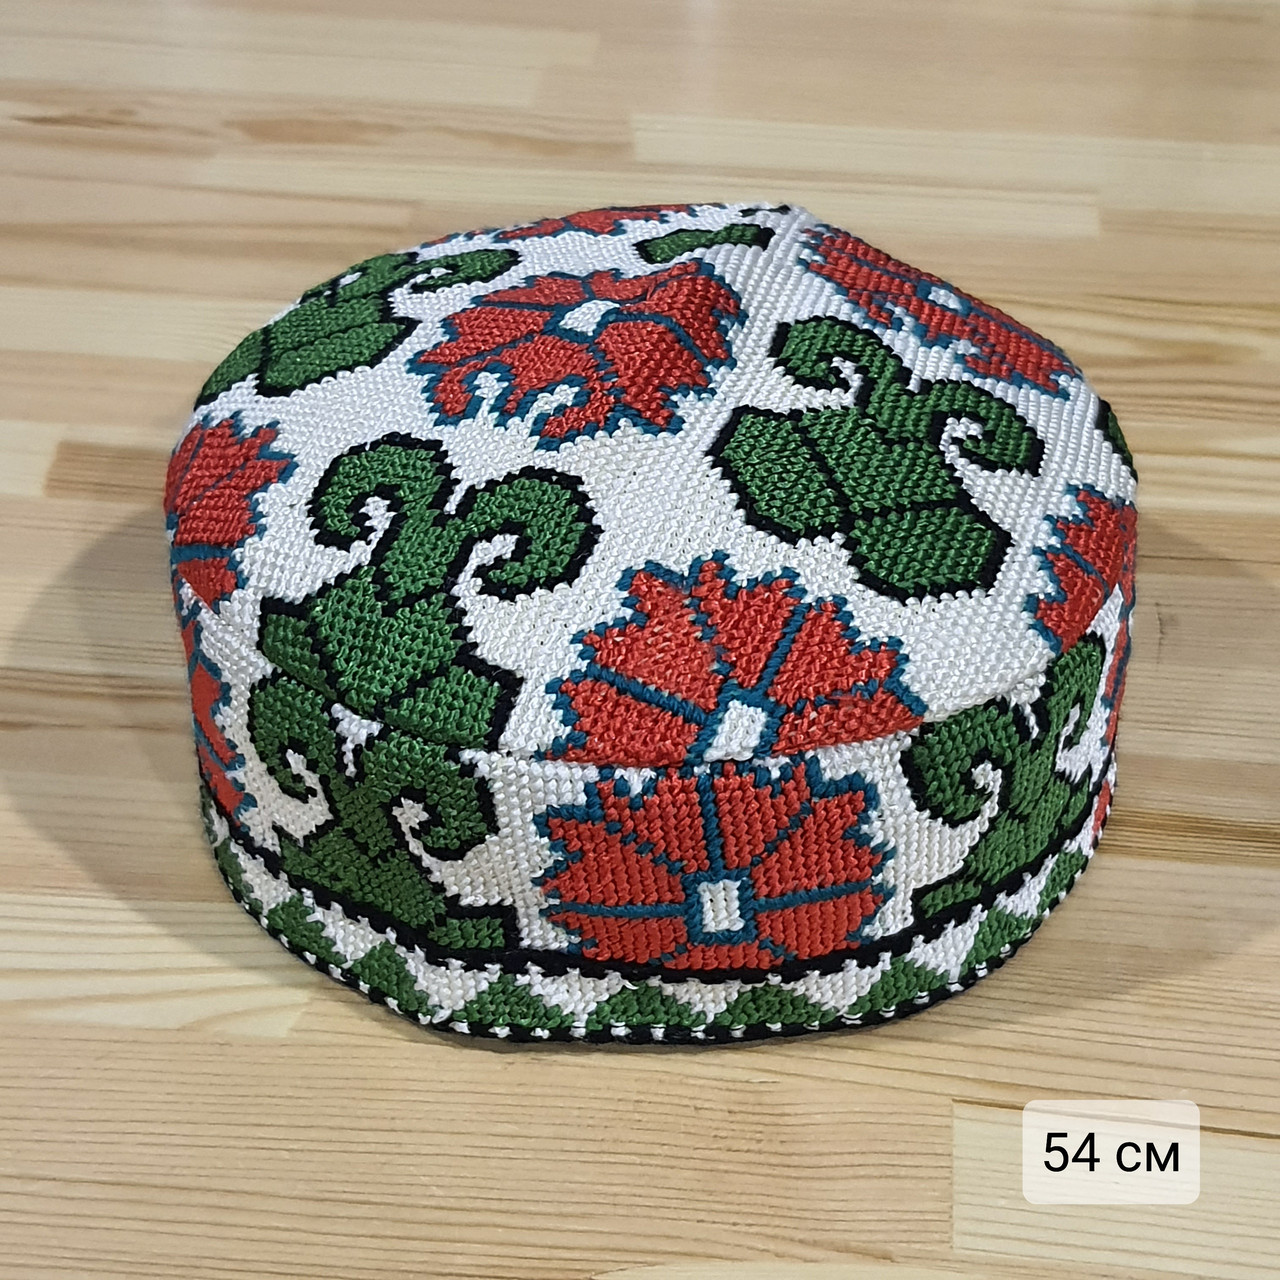 Узбекская тюбетейка 54 см. Ручная вышивка. Узбекистан (54_9)